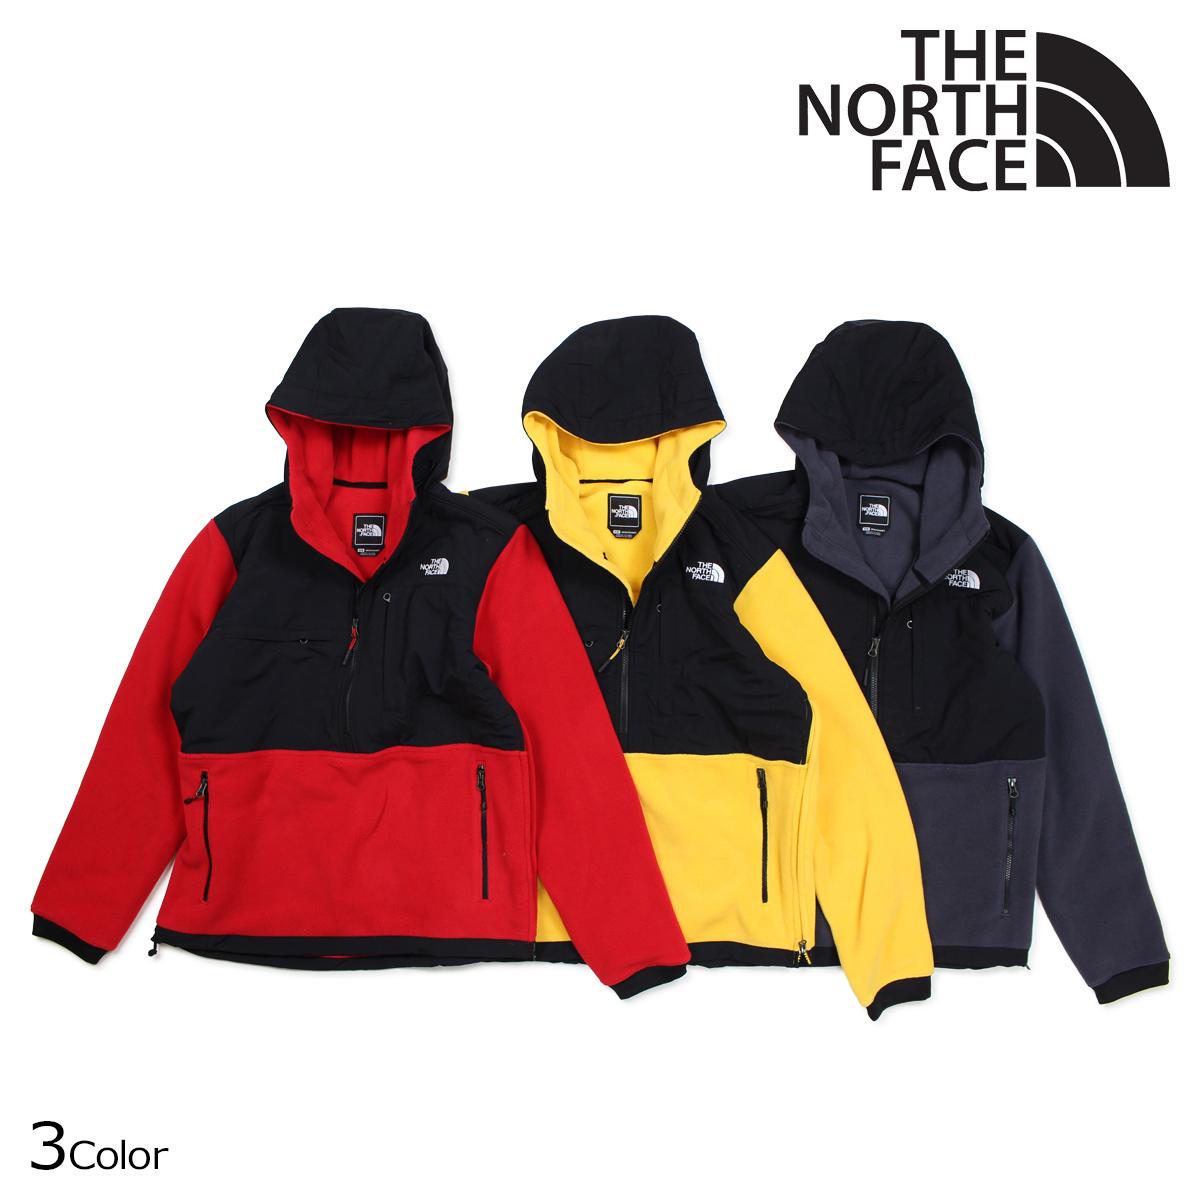 ノースフェイス THE NORTH FACE ジャケット デナリ アナラク マウンテンジャケット メンズ MENS DENALI ANORAK NF0A3MMT [10/9 新入荷]